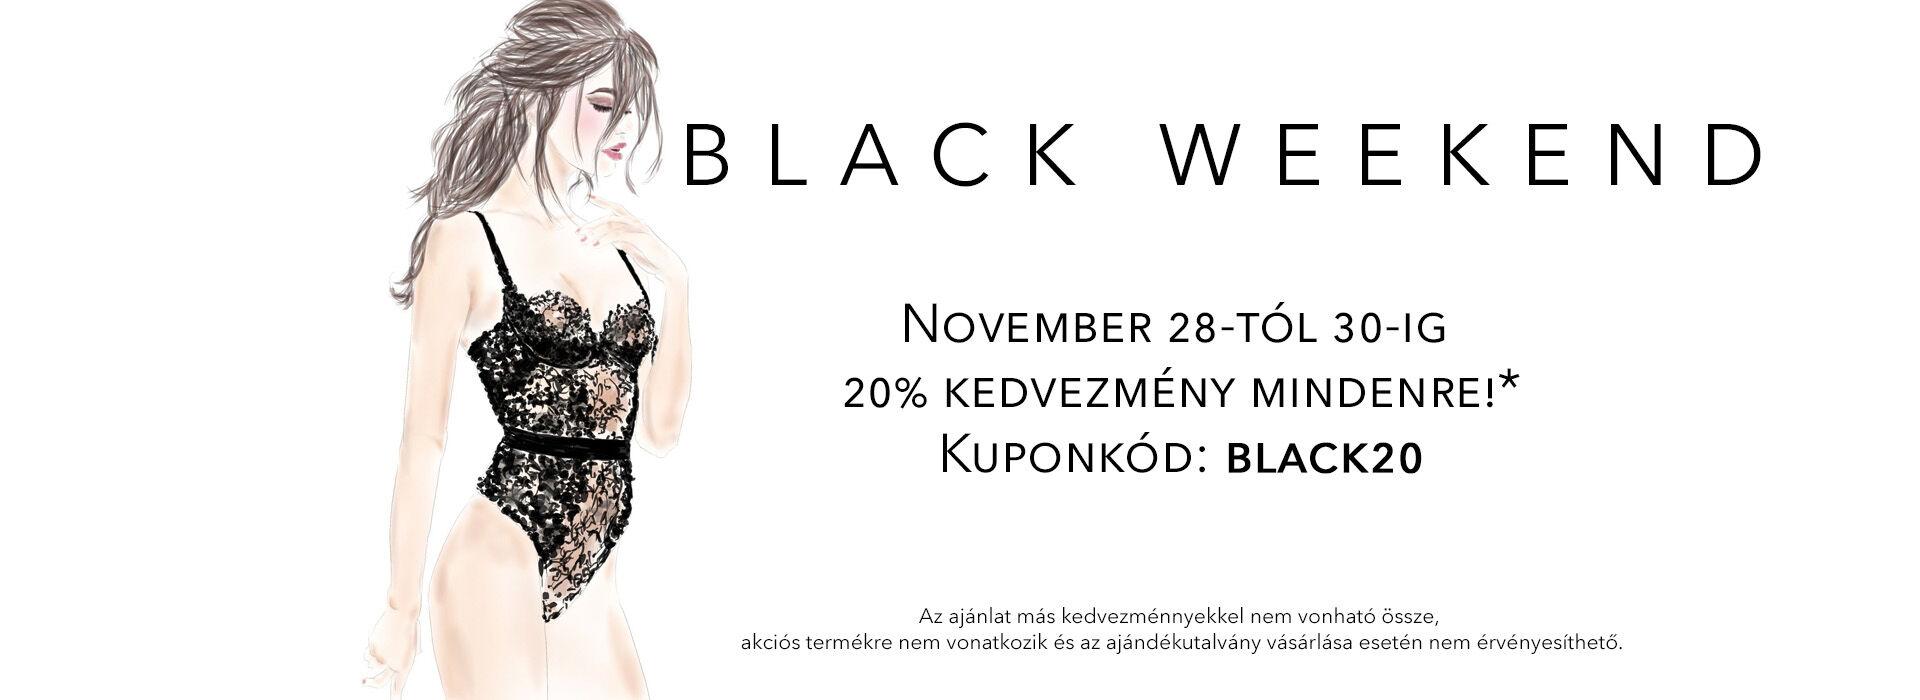 black weekend 2020